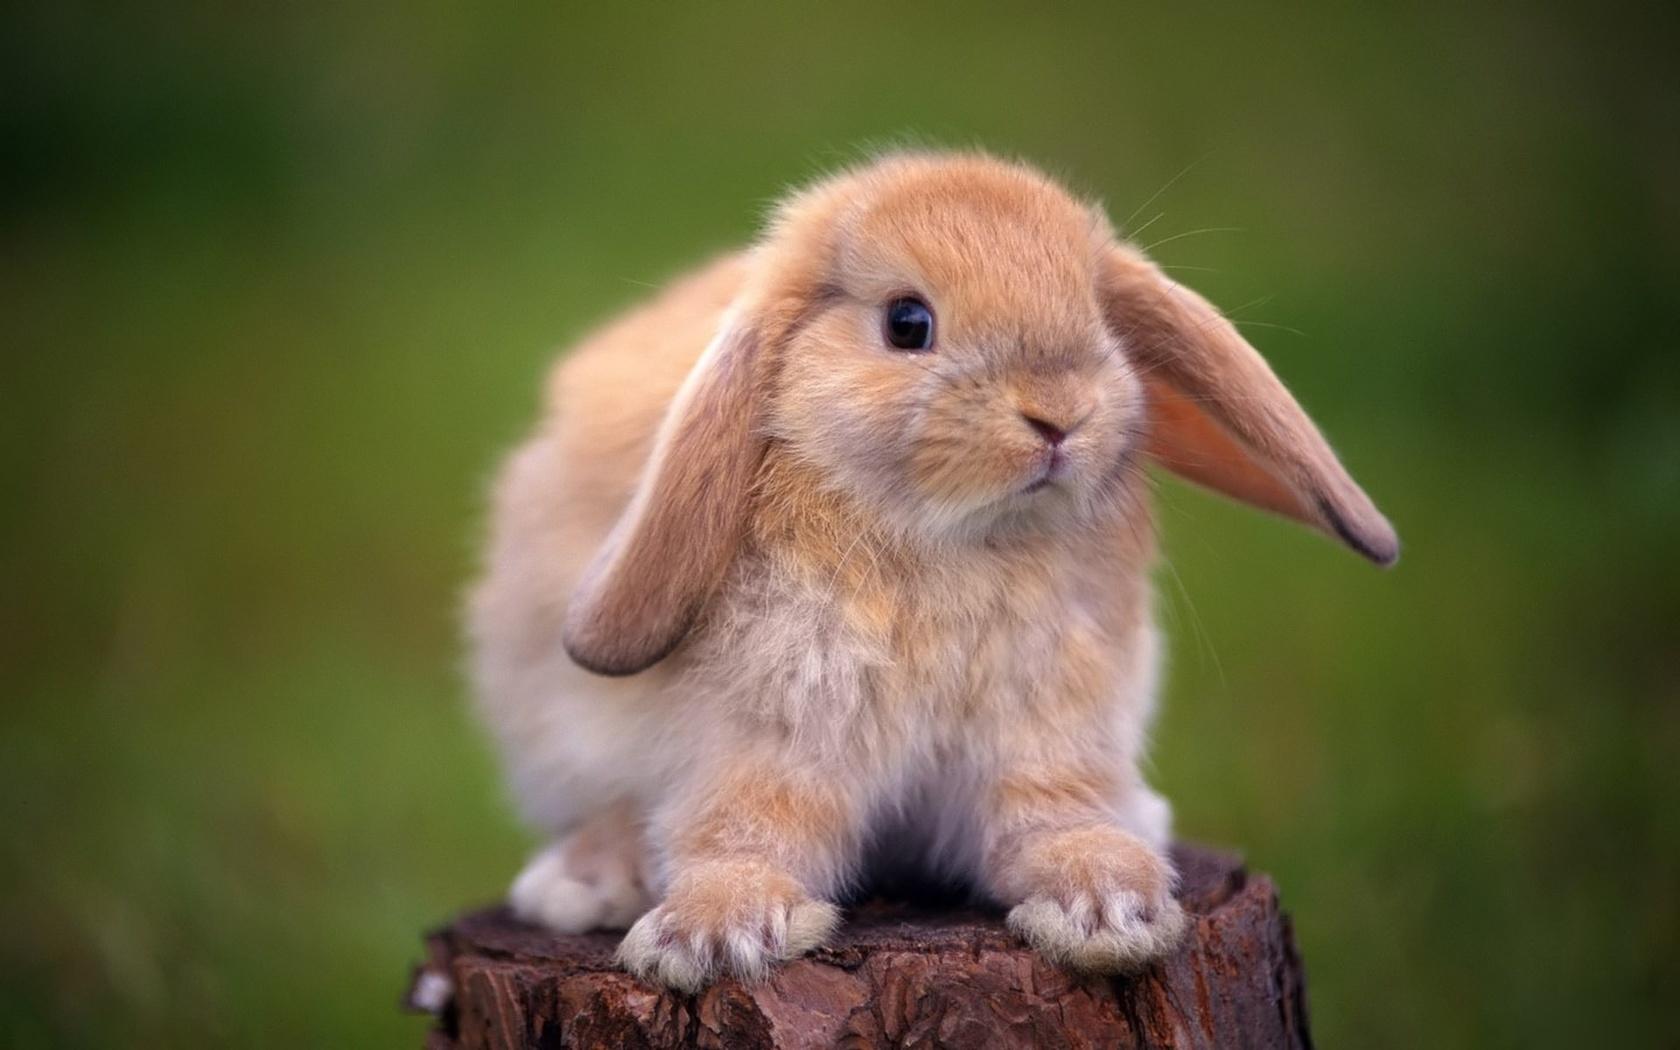 картинки с пушистыми кроликами